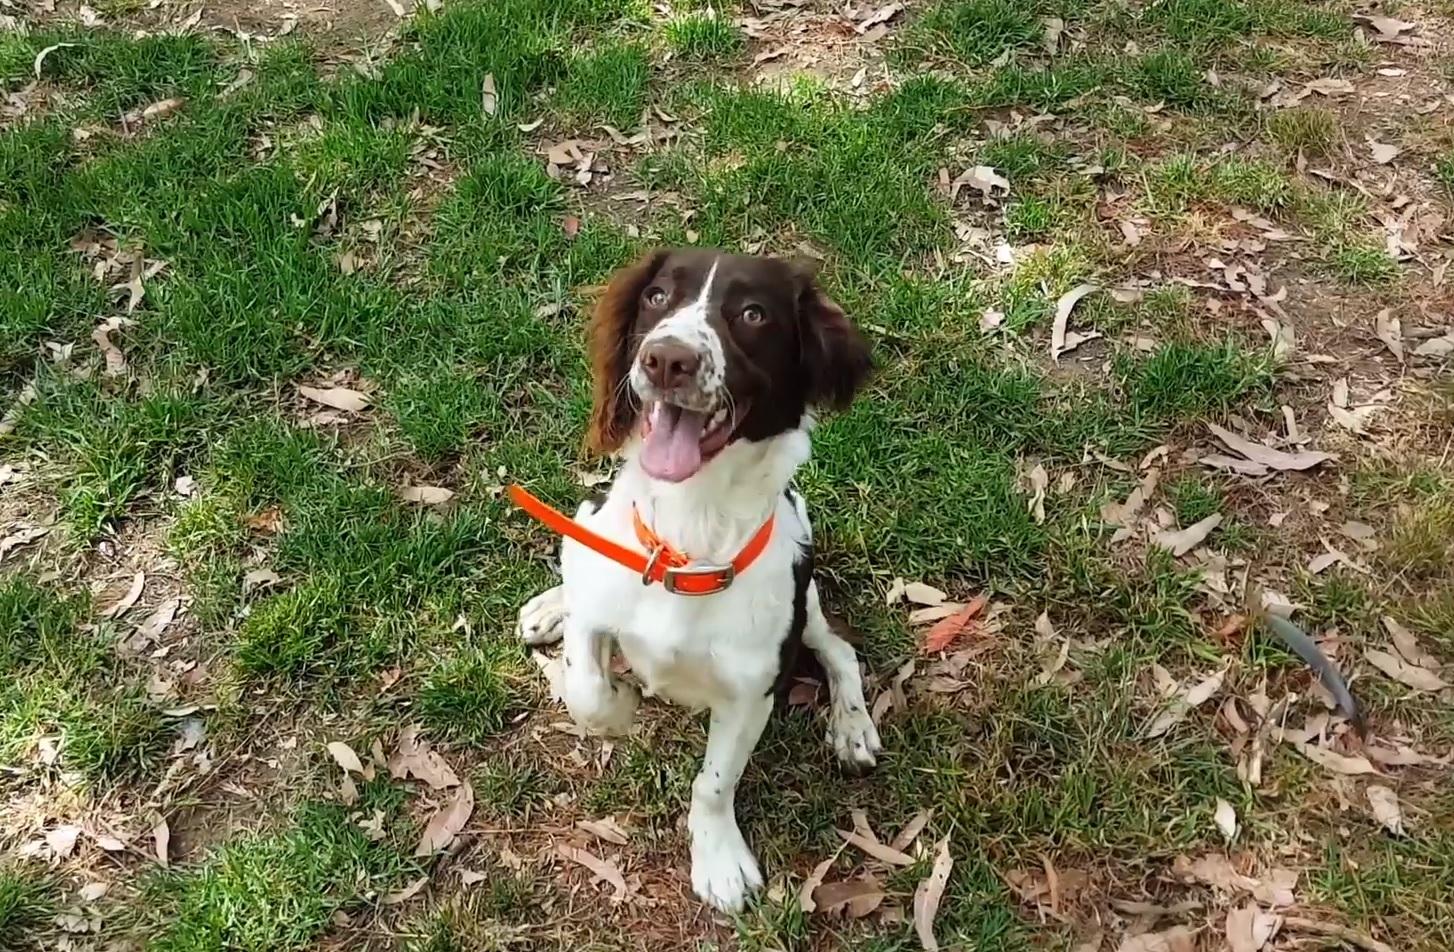 880 millió liter vizet spórolt meg az ausztráloknak Kep, Ausztrália első csőrepedés-kiszagoló kutyája